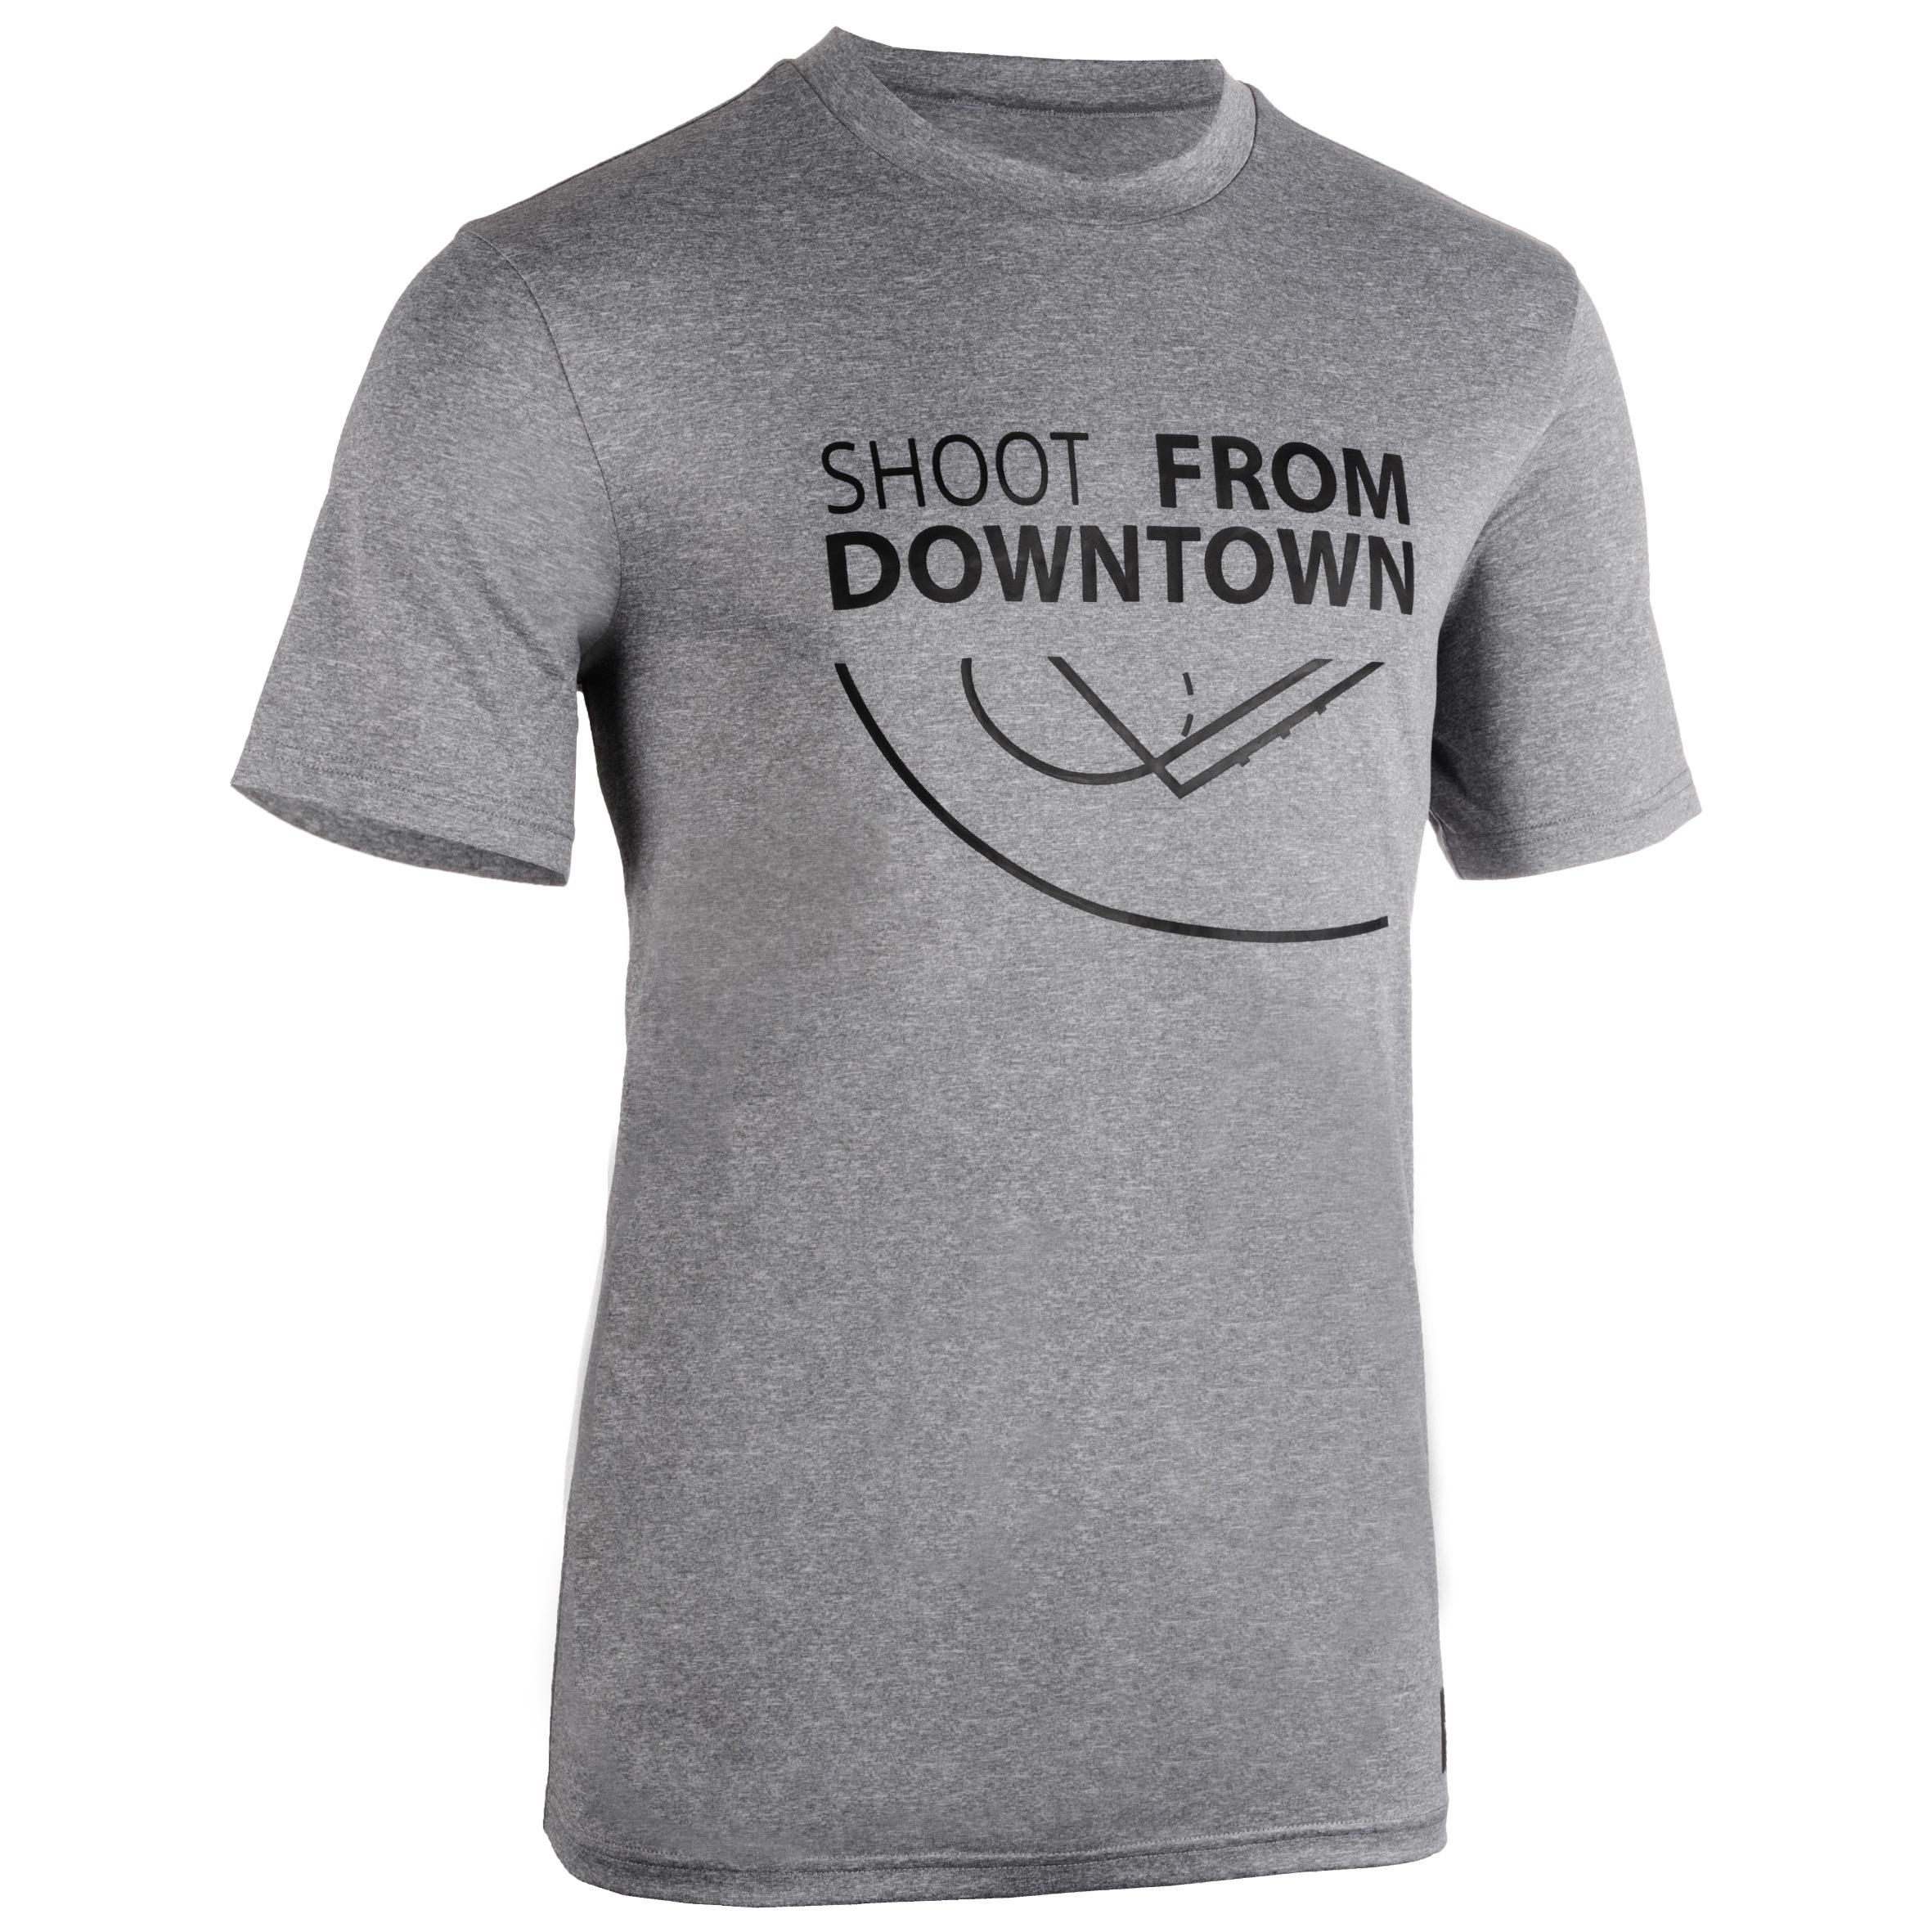 Camiseta de básquetbol TS500 Hombre Gris Claro Shoot